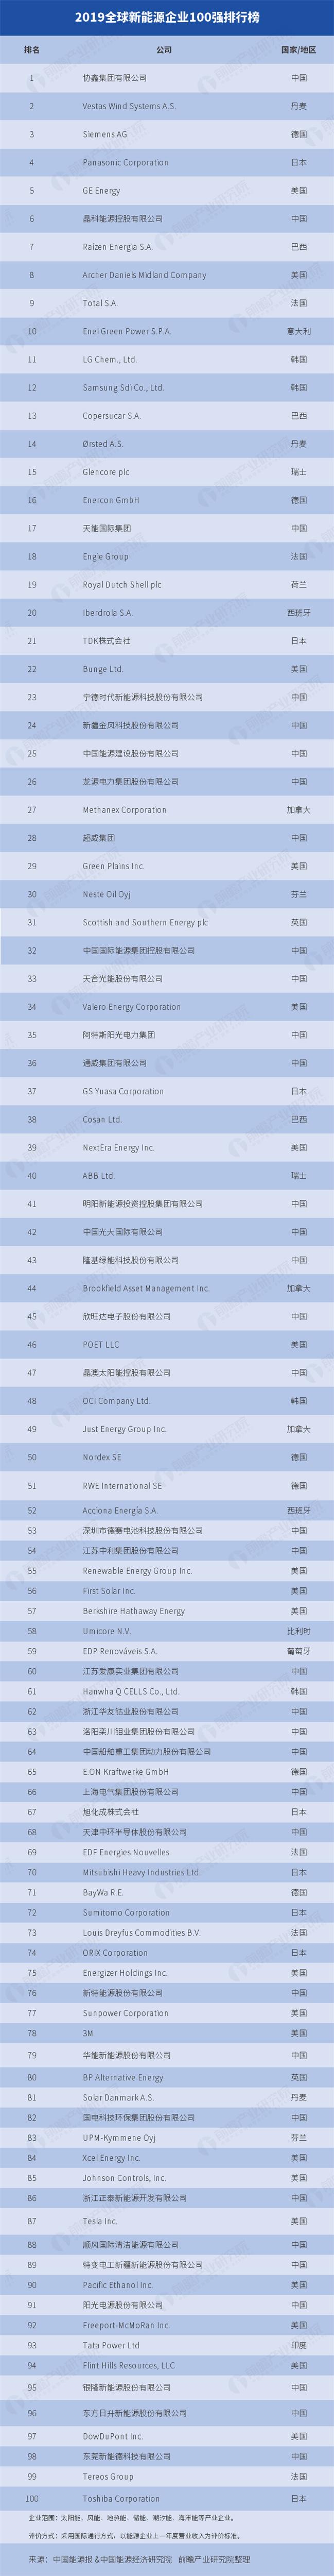 新能源企业排行榜